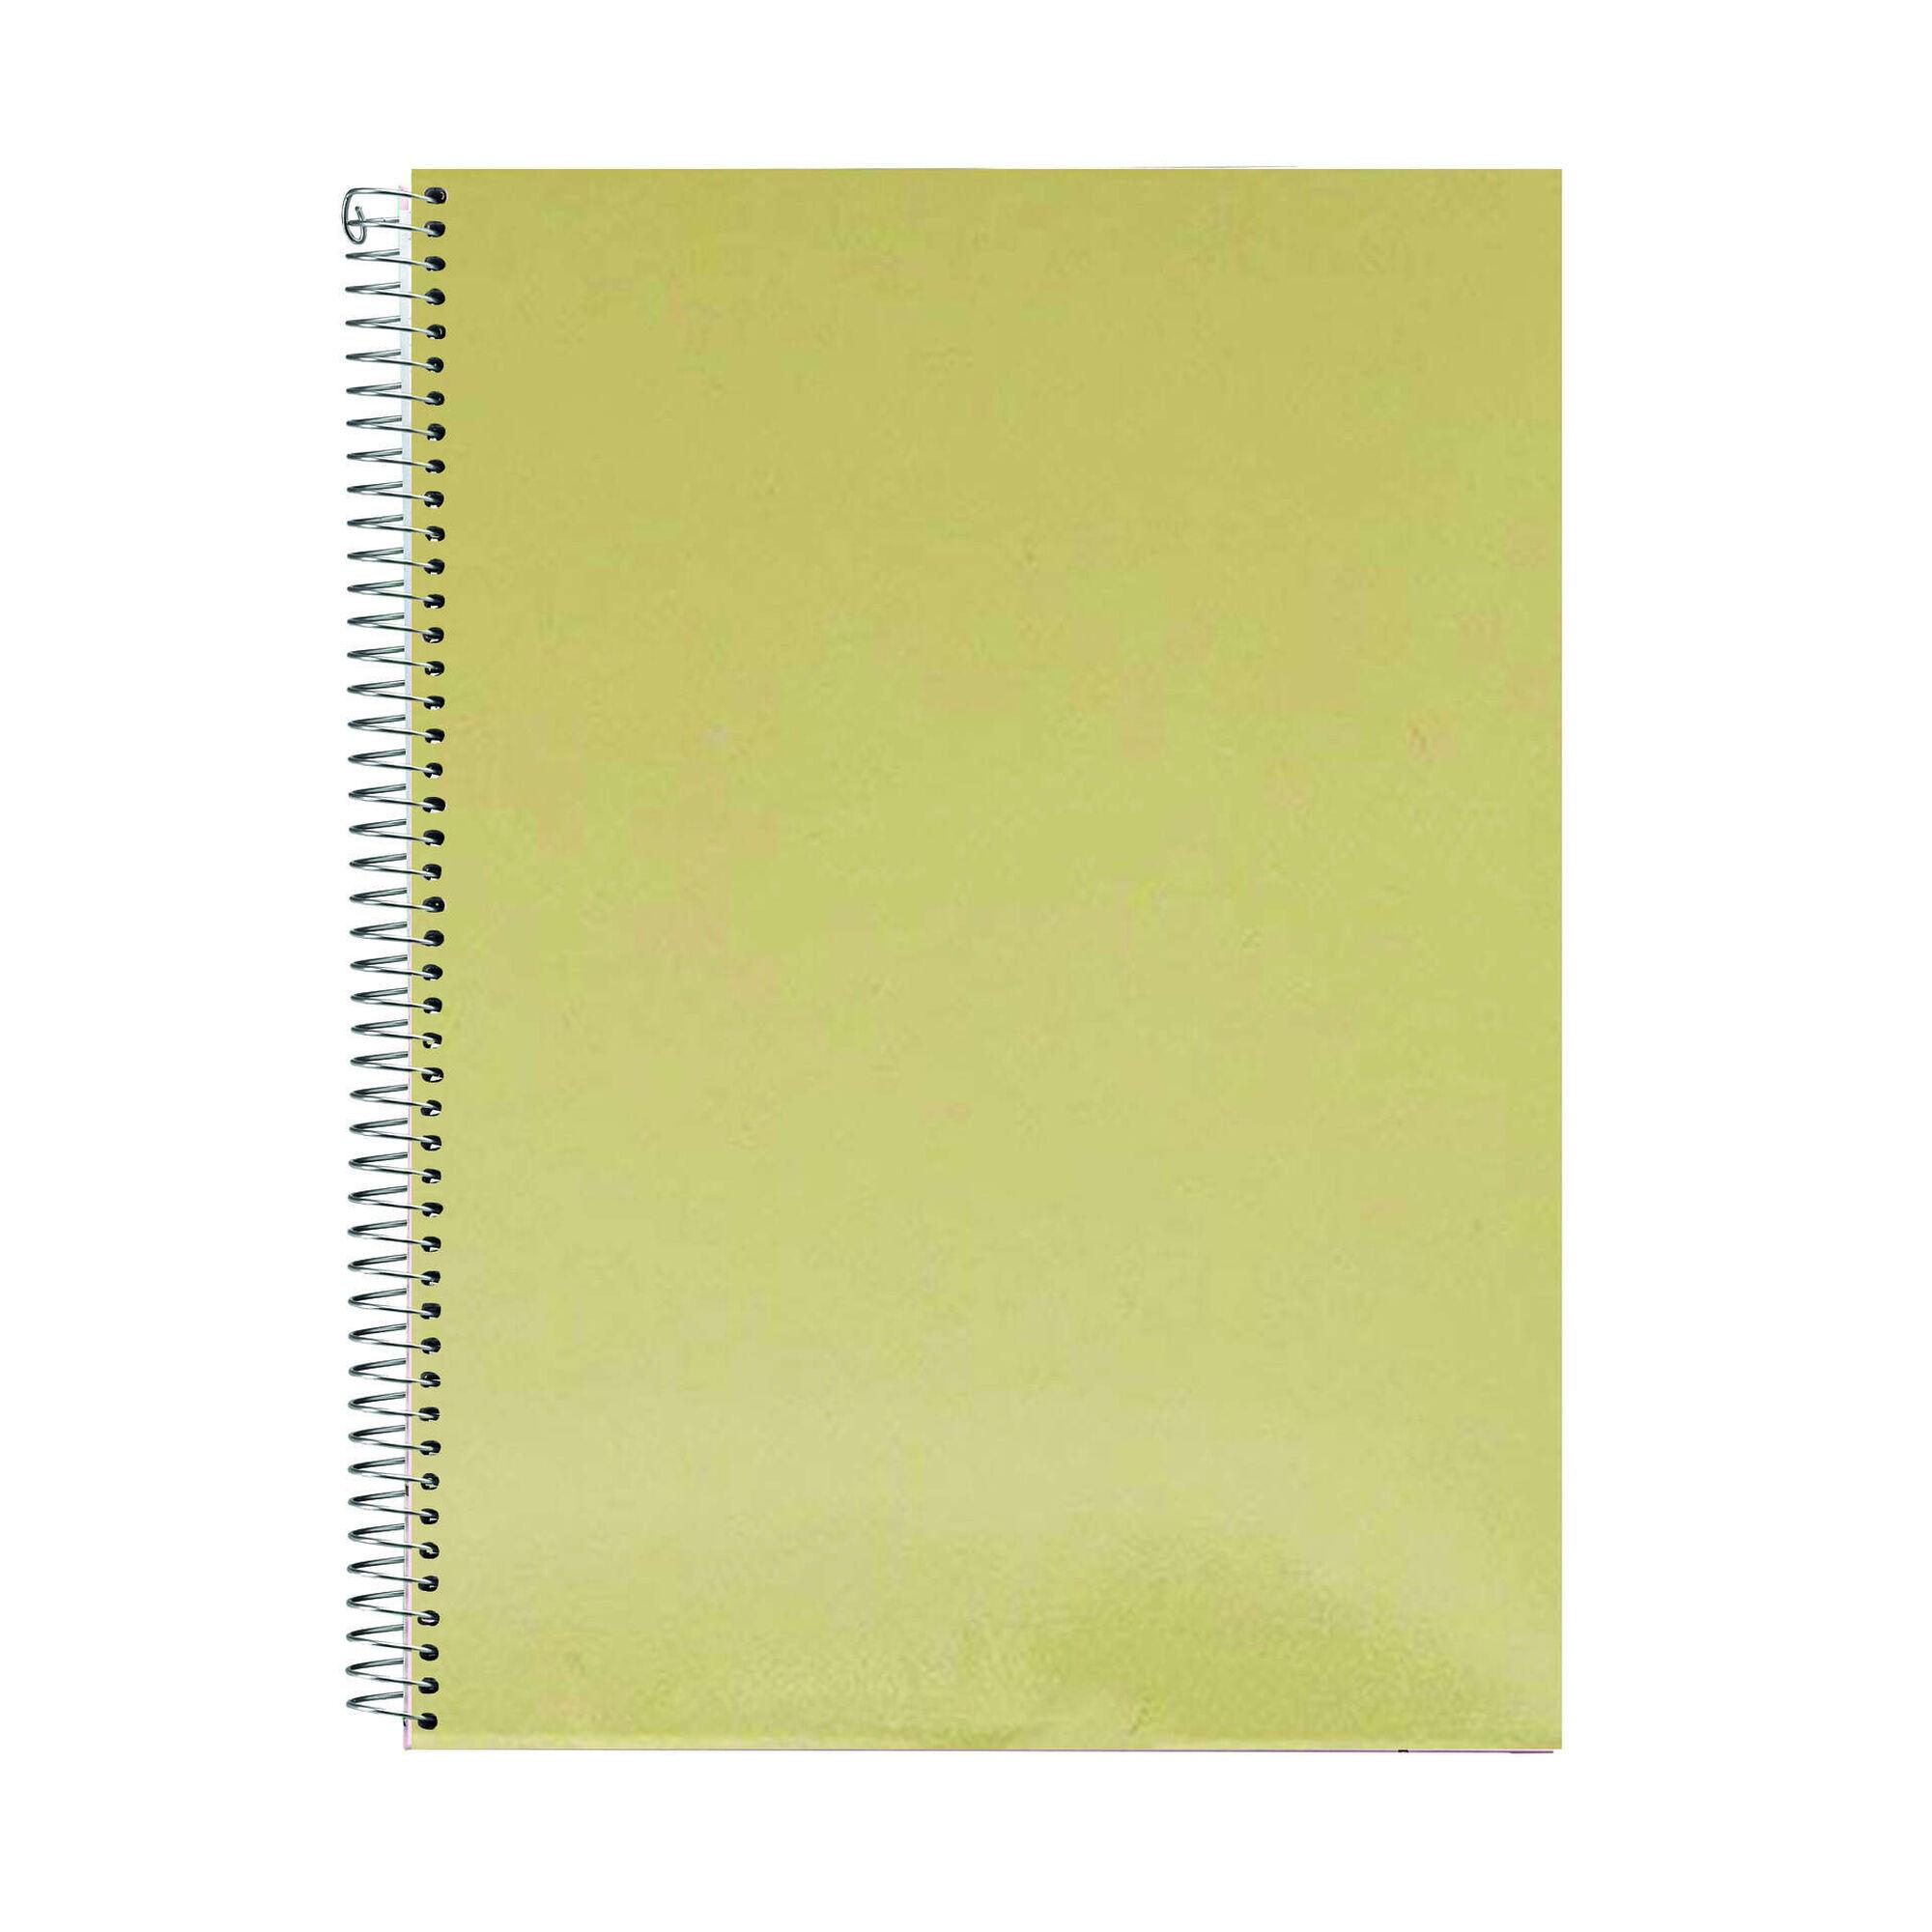 Caderno Espiral A4 Pautado